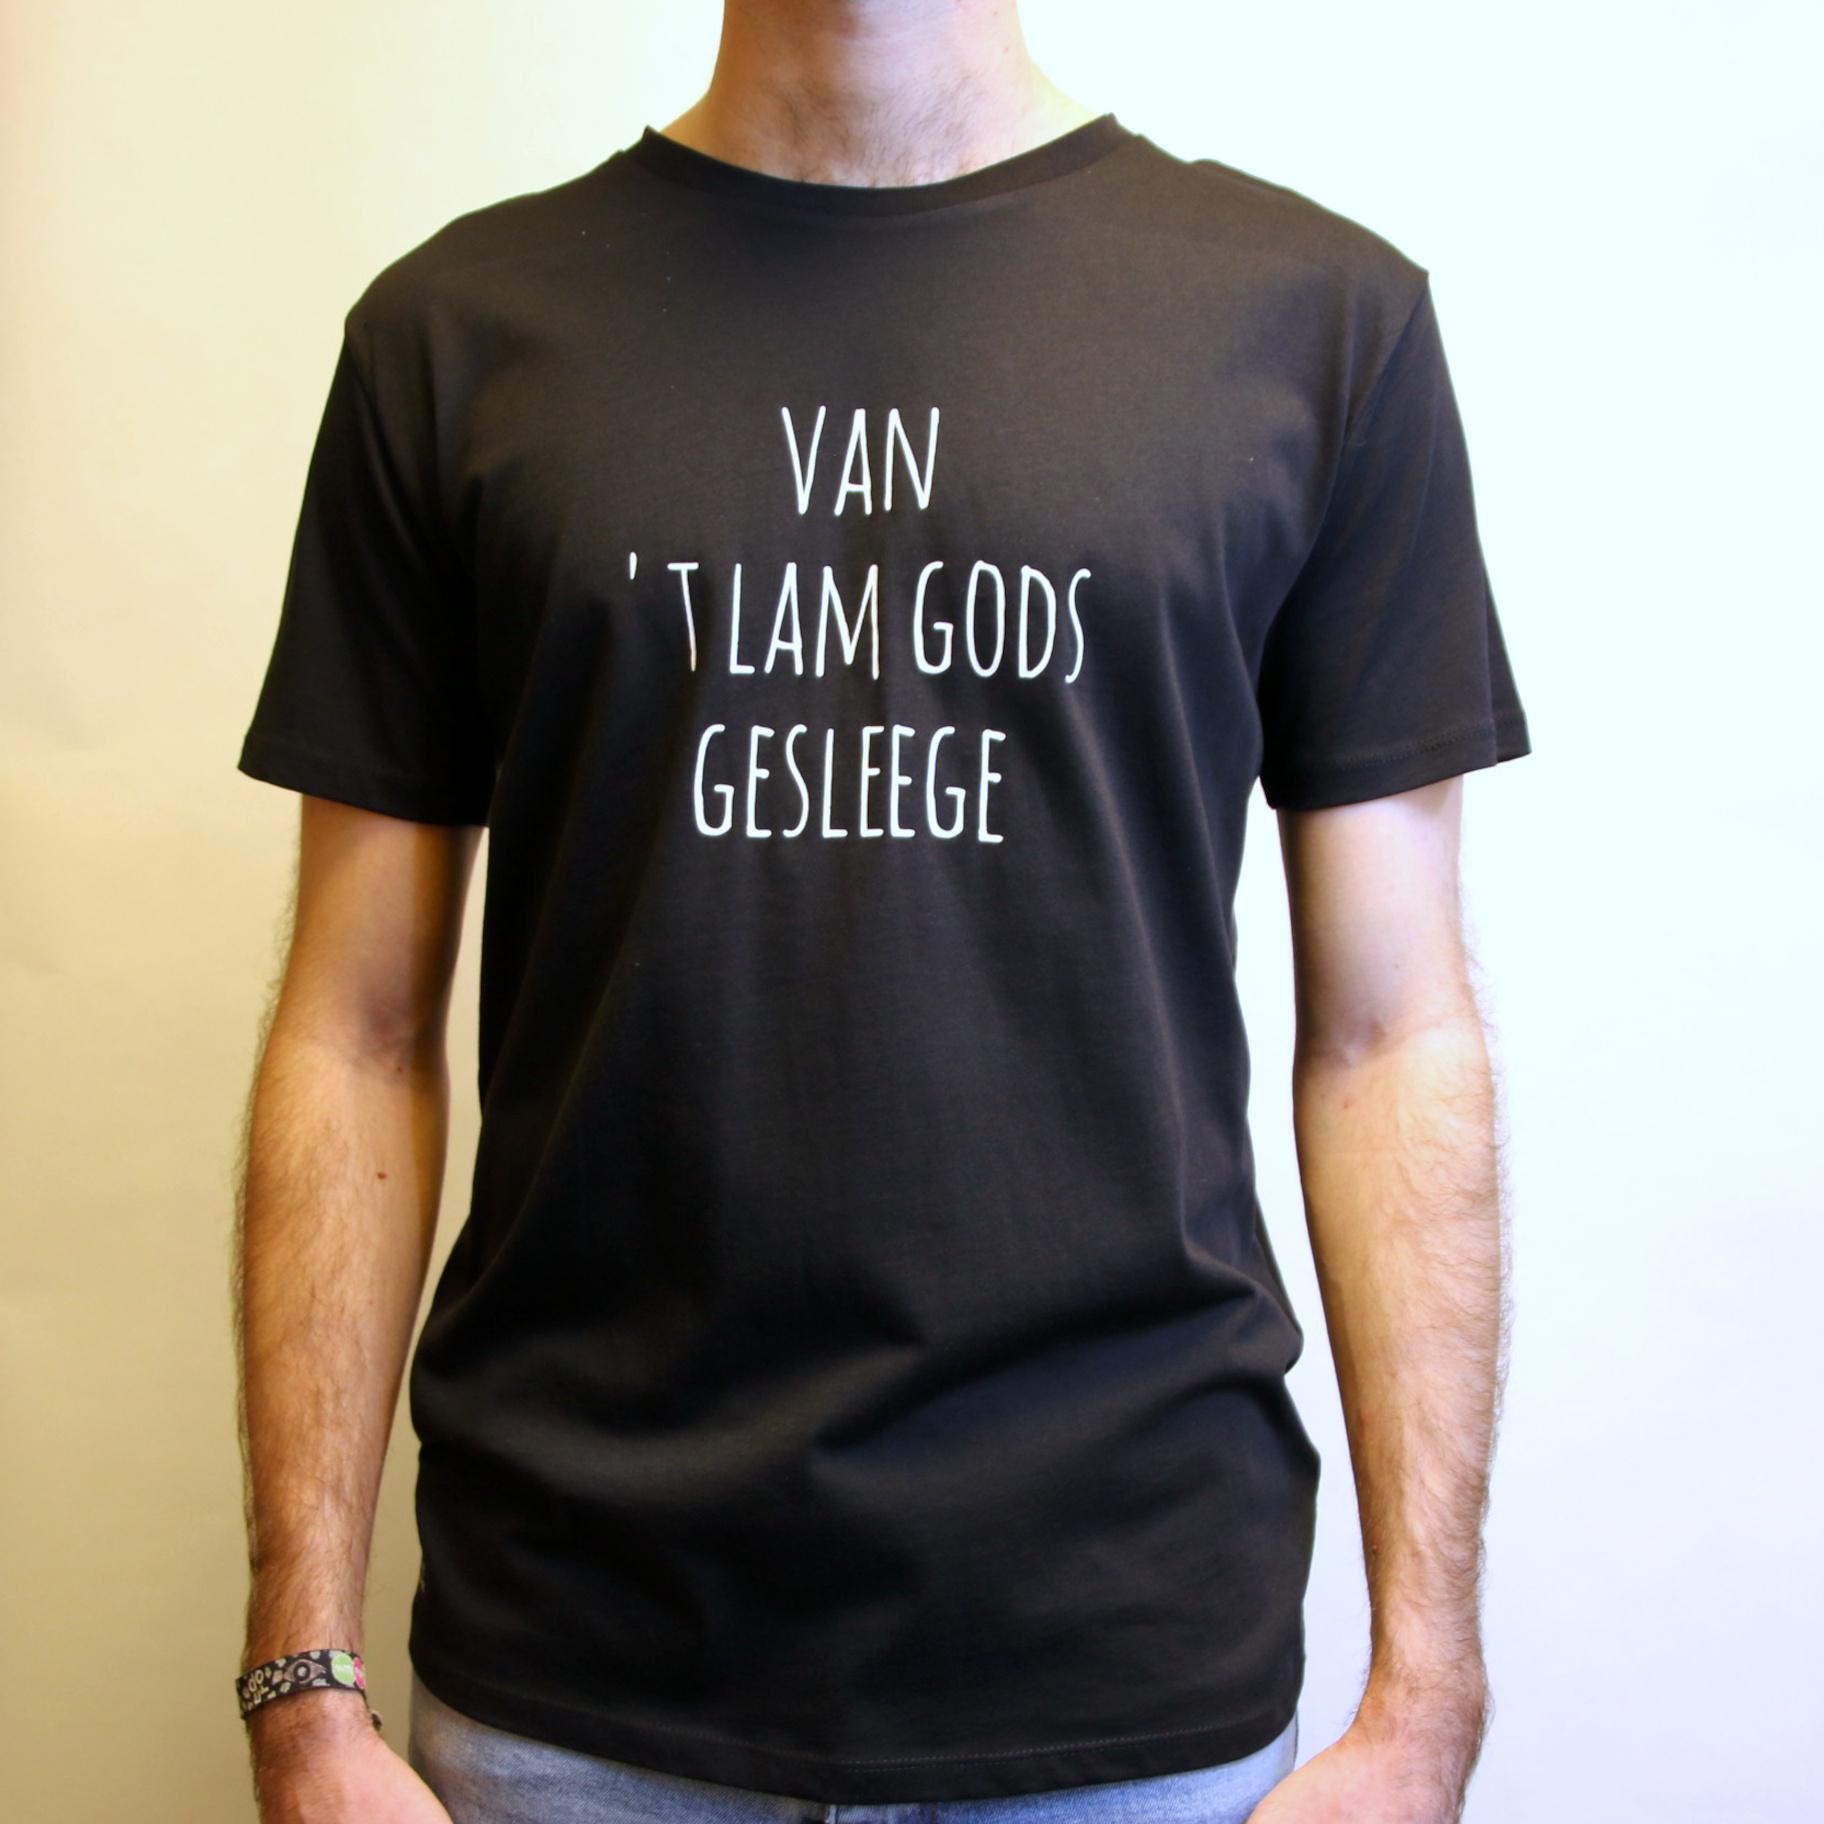 Negenduust T-shirt van 't Lam Gods gesleege - men's model black - Negenduust